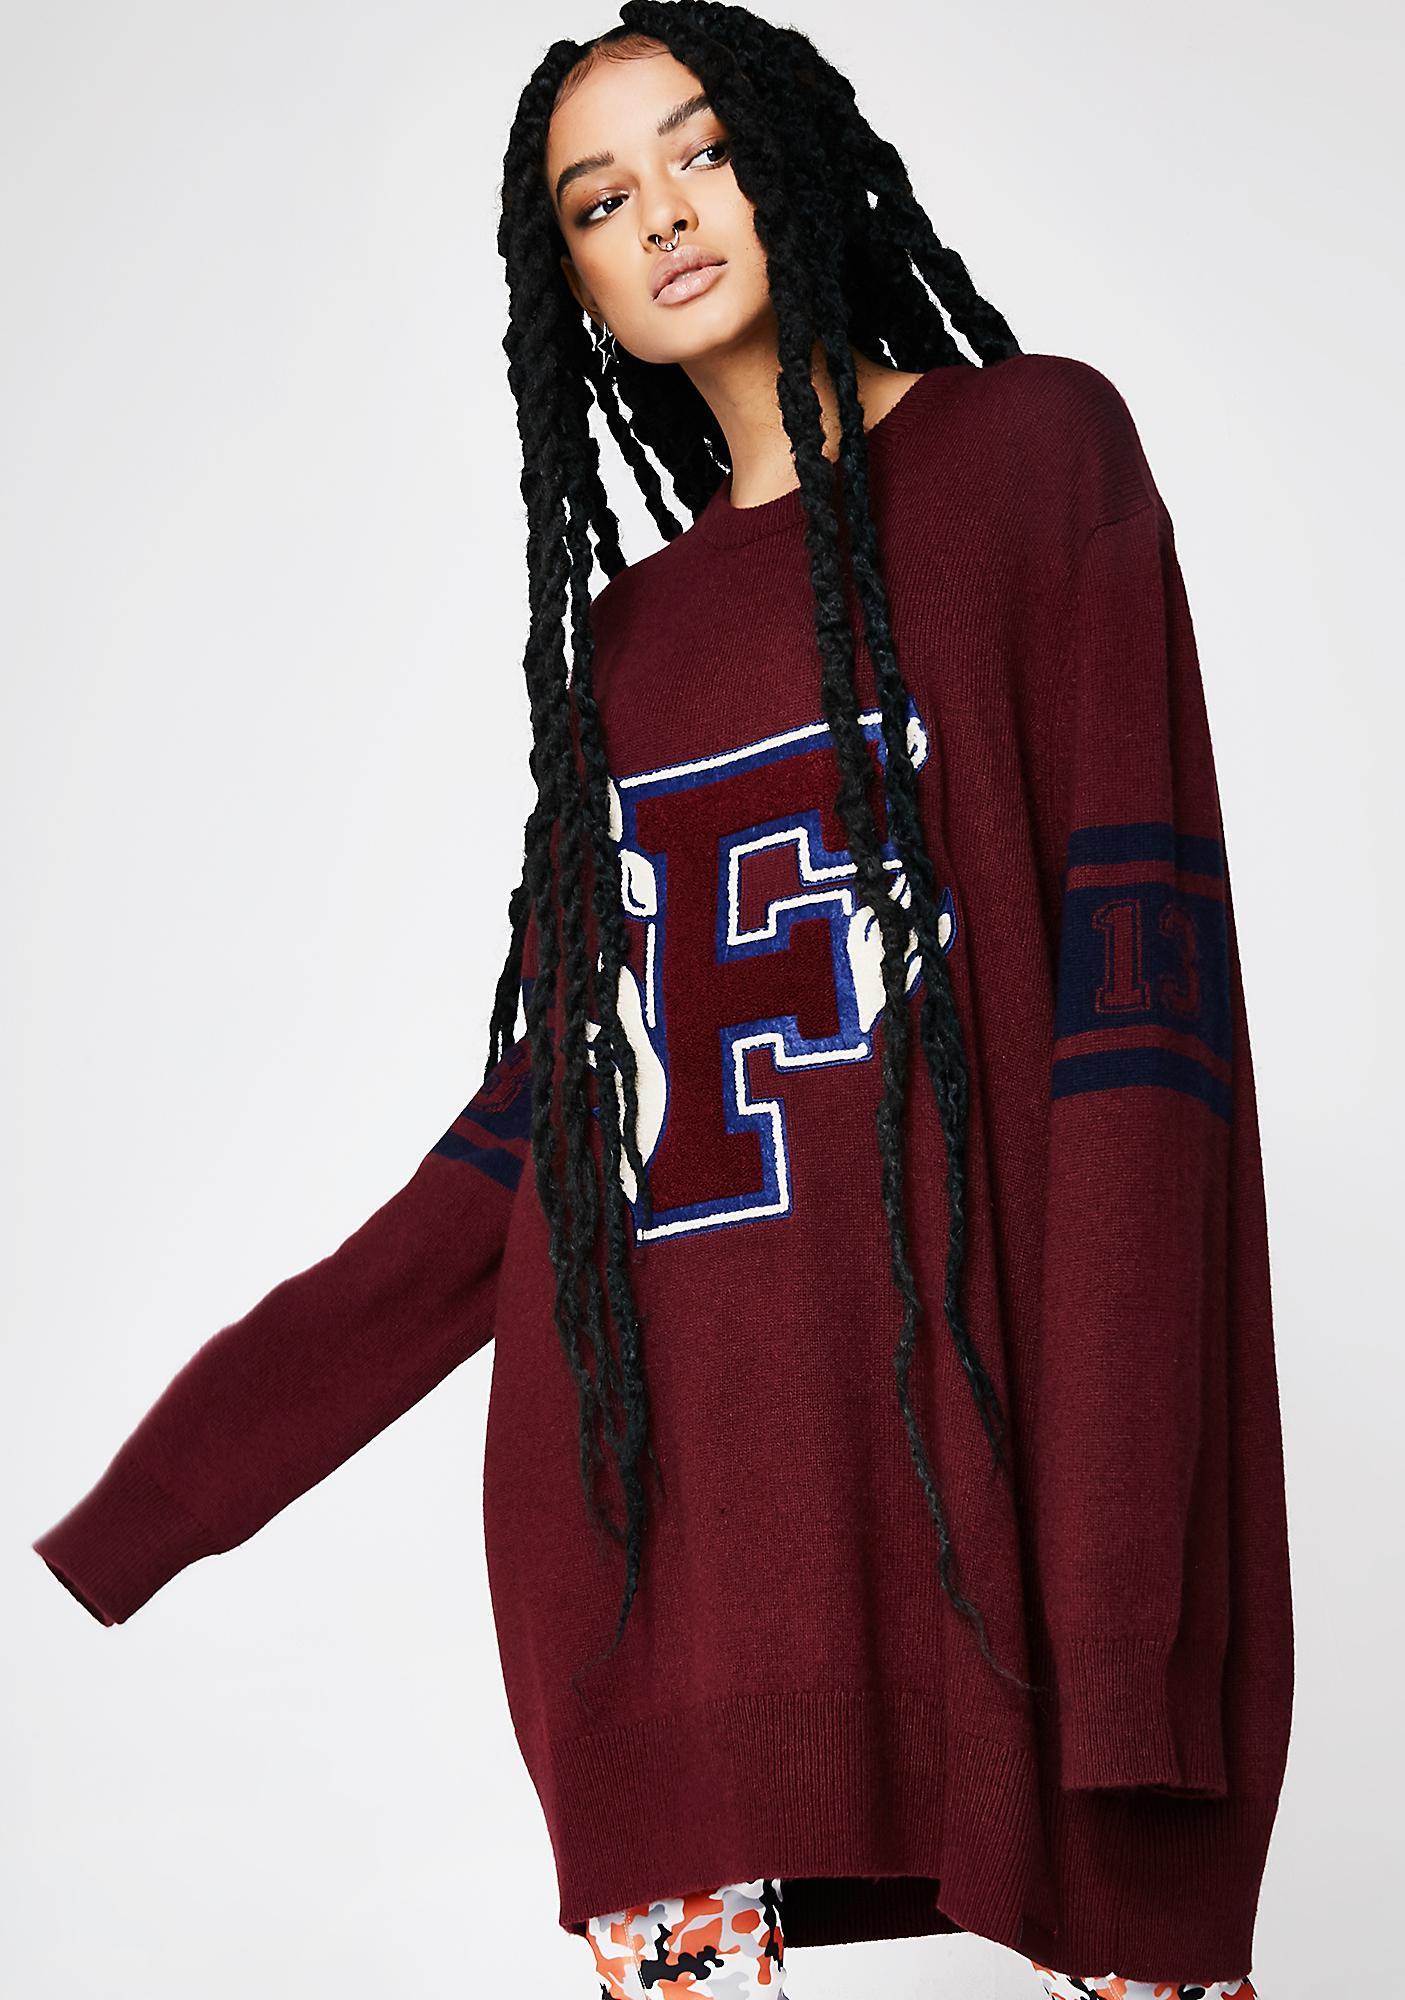 PUMA FENTY PUMA By Rihanna Varsity Letter Sweater